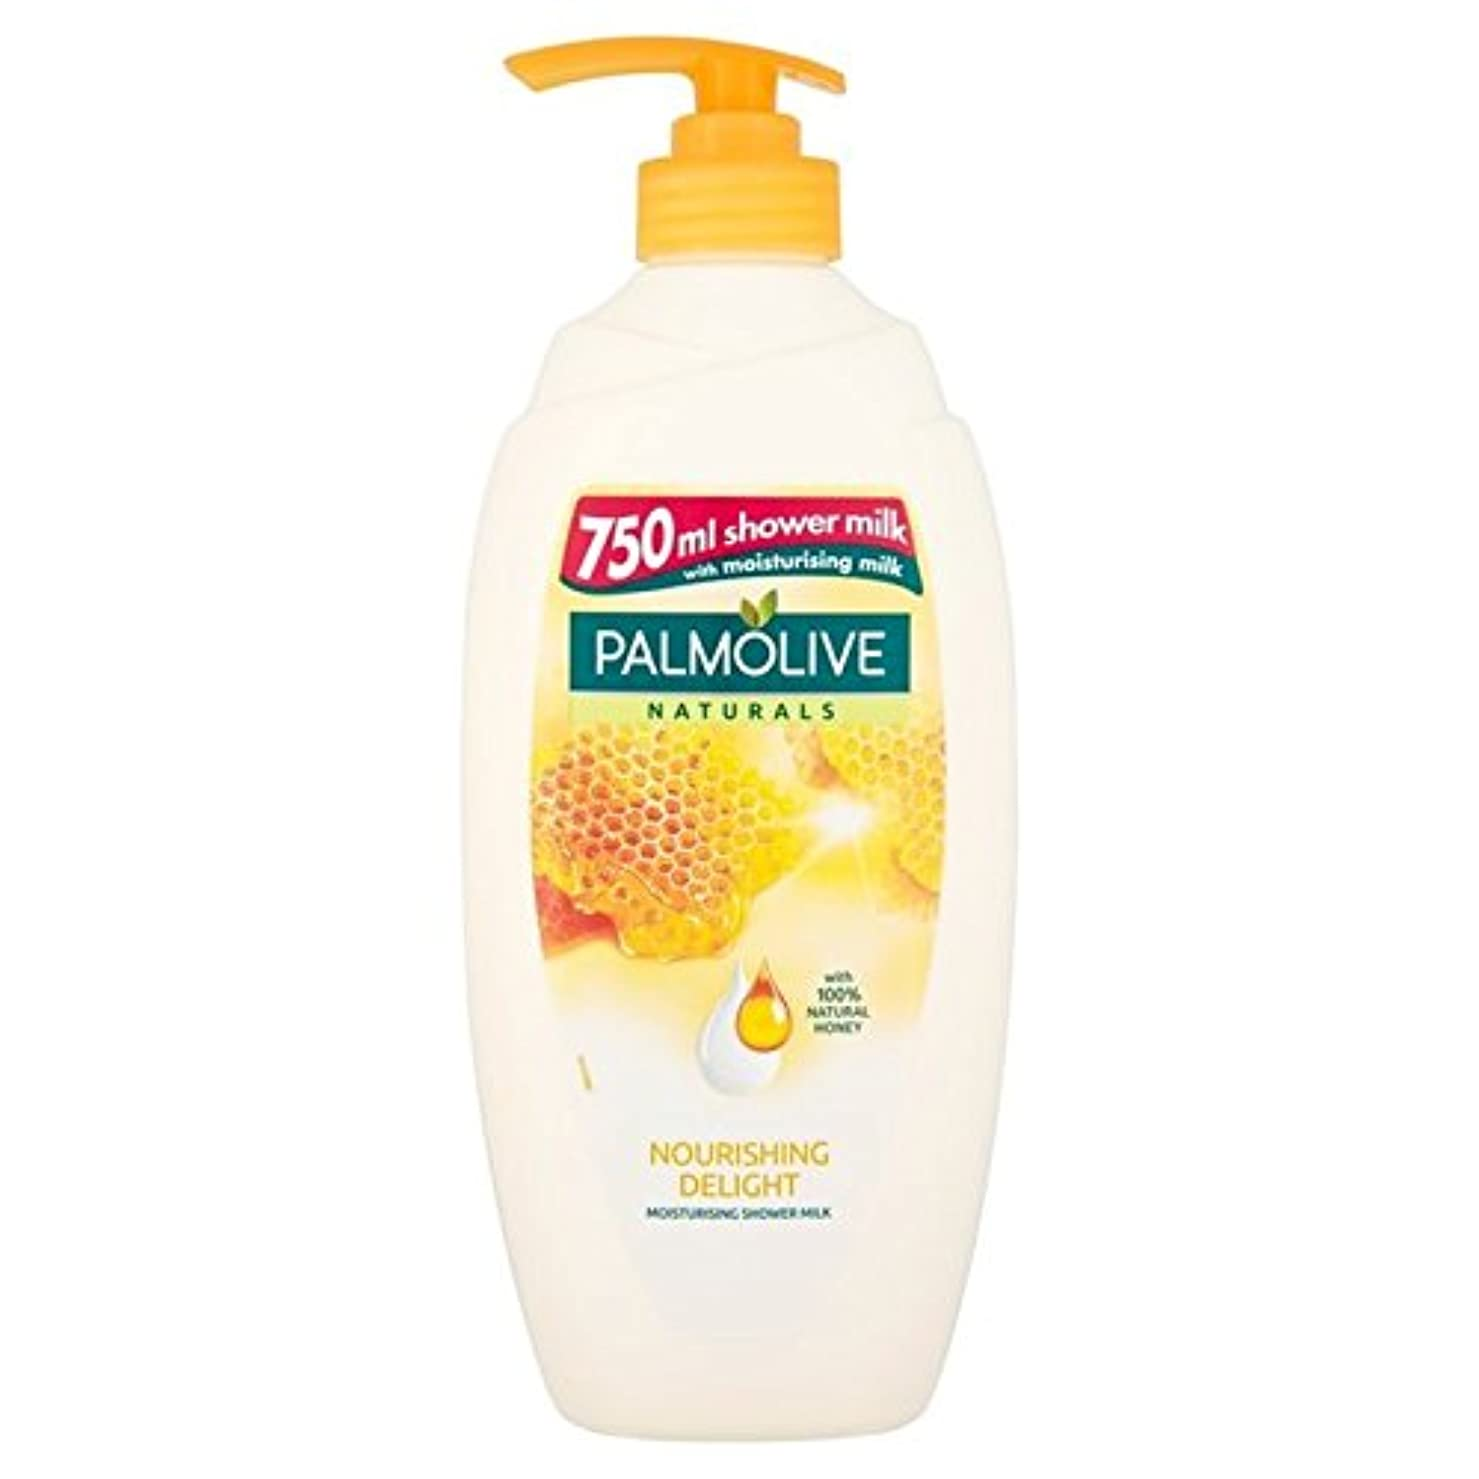 火山学石の悪性のPalmolive Naturals Nourishing Shower Naturals Milk with Honey 750ml - 蜂蜜の750ミリリットルとシャワーナチュラルミルク栄養パルモライブナチュラル [...